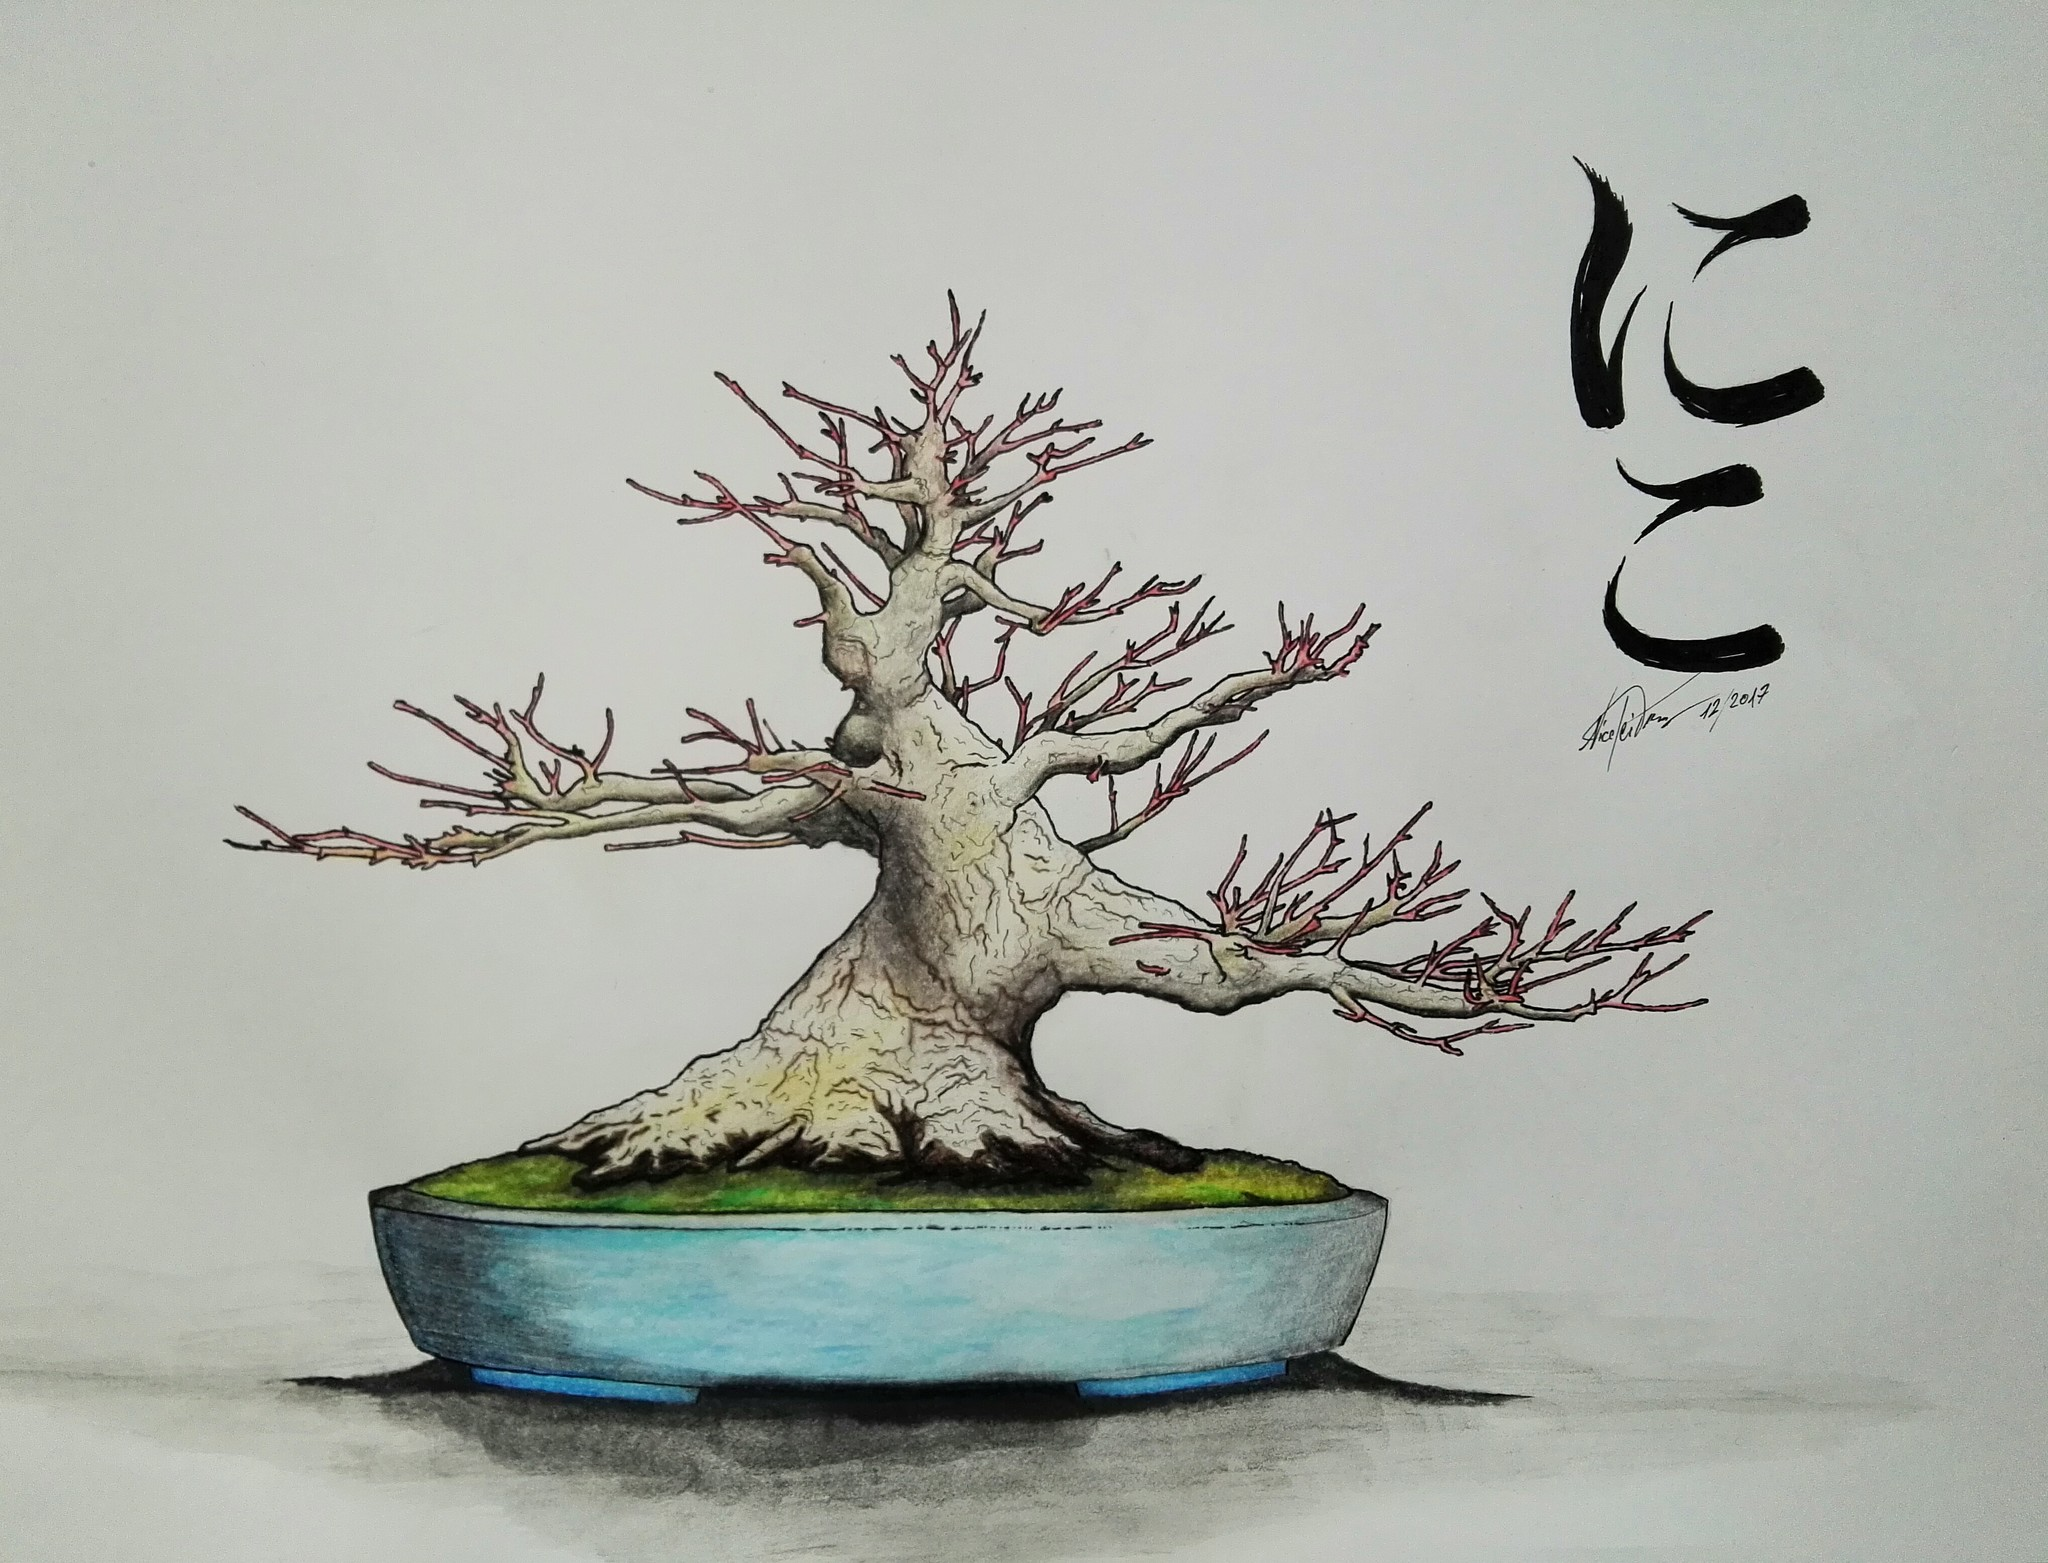 asahi bonsai zeichnen eines bonsai asahi bonsai. Black Bedroom Furniture Sets. Home Design Ideas